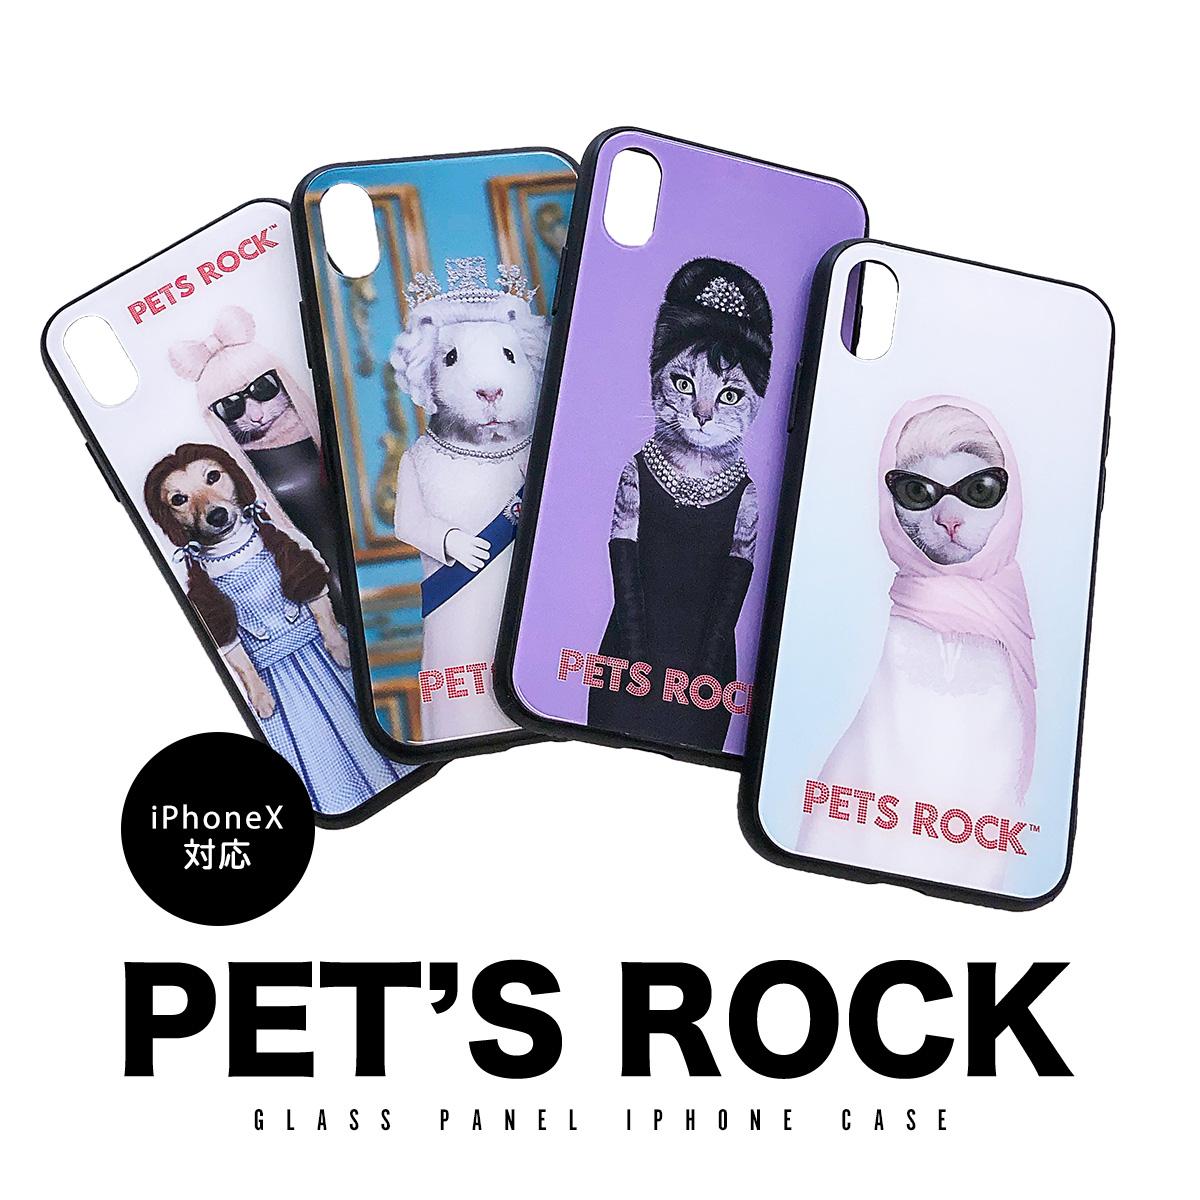 iPhone ペッツロック ネコ 猫 犬 ペット グッズ タッコーダ iPhoneX iPhoneXS iPhoneアイフォン カバー 安心の実績 高価 買取 強化中 メール便送料無料 携帯 バンパー ROCK ケース型 パネル スマホ スマートフォン 永遠の定番 ゴム PETS ガラス